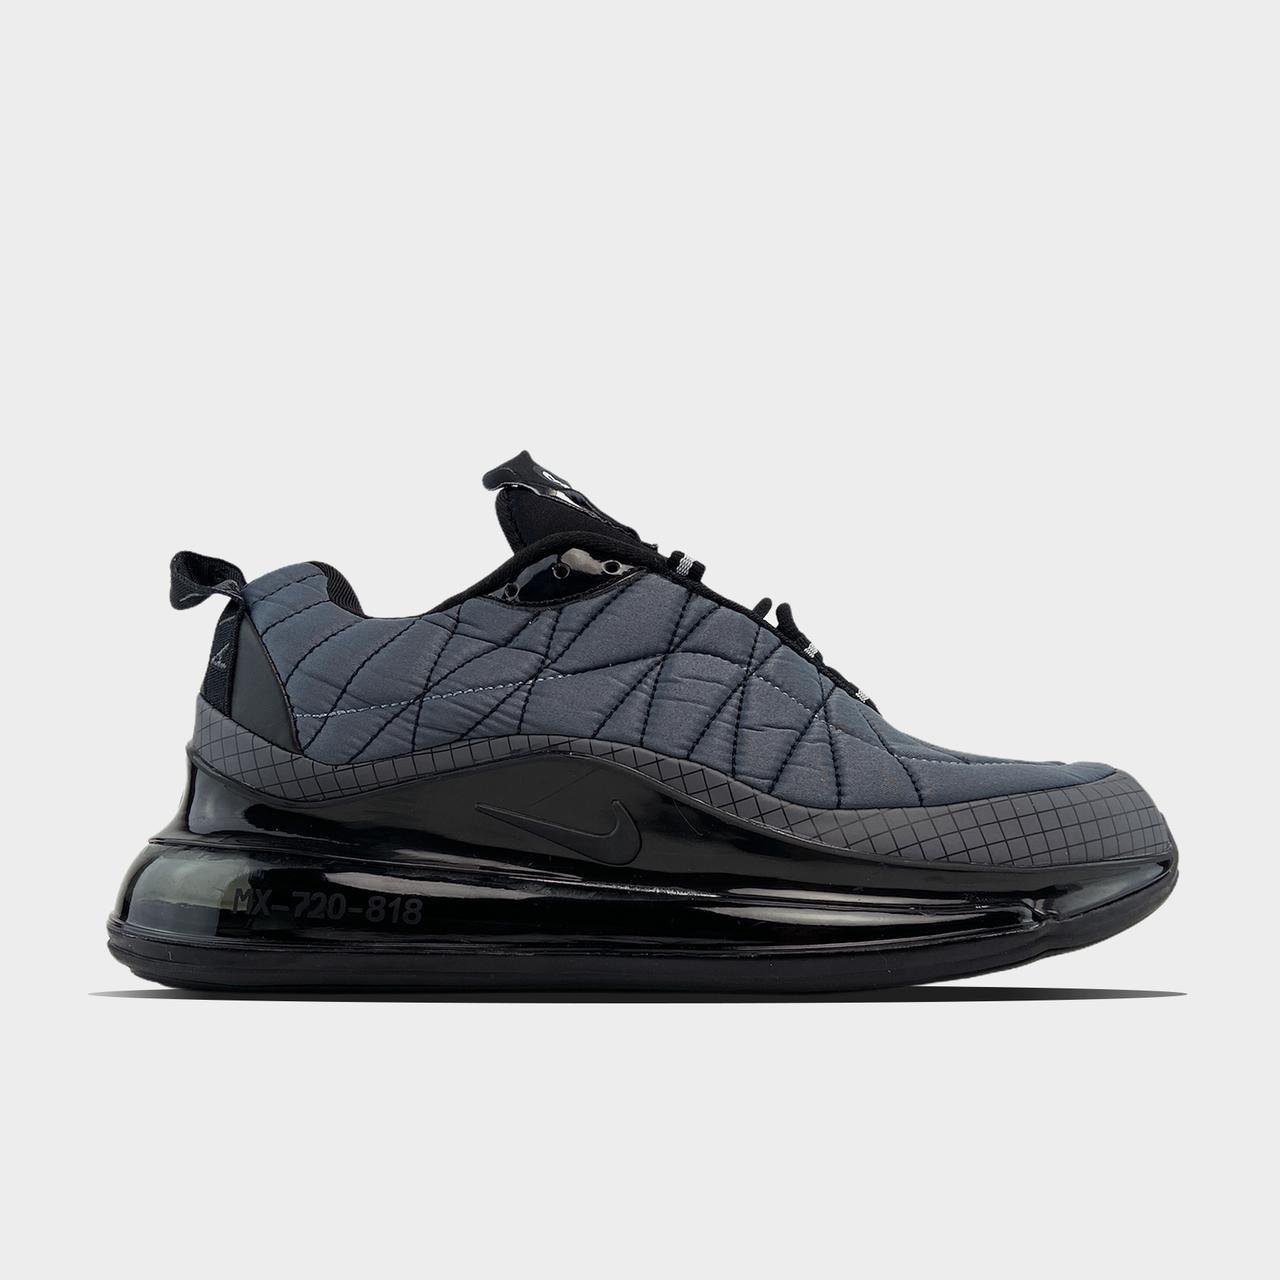 Nk, крос, обувь, взуття, sneakers, шузы, Air Max 720-98 Grey (Серый)